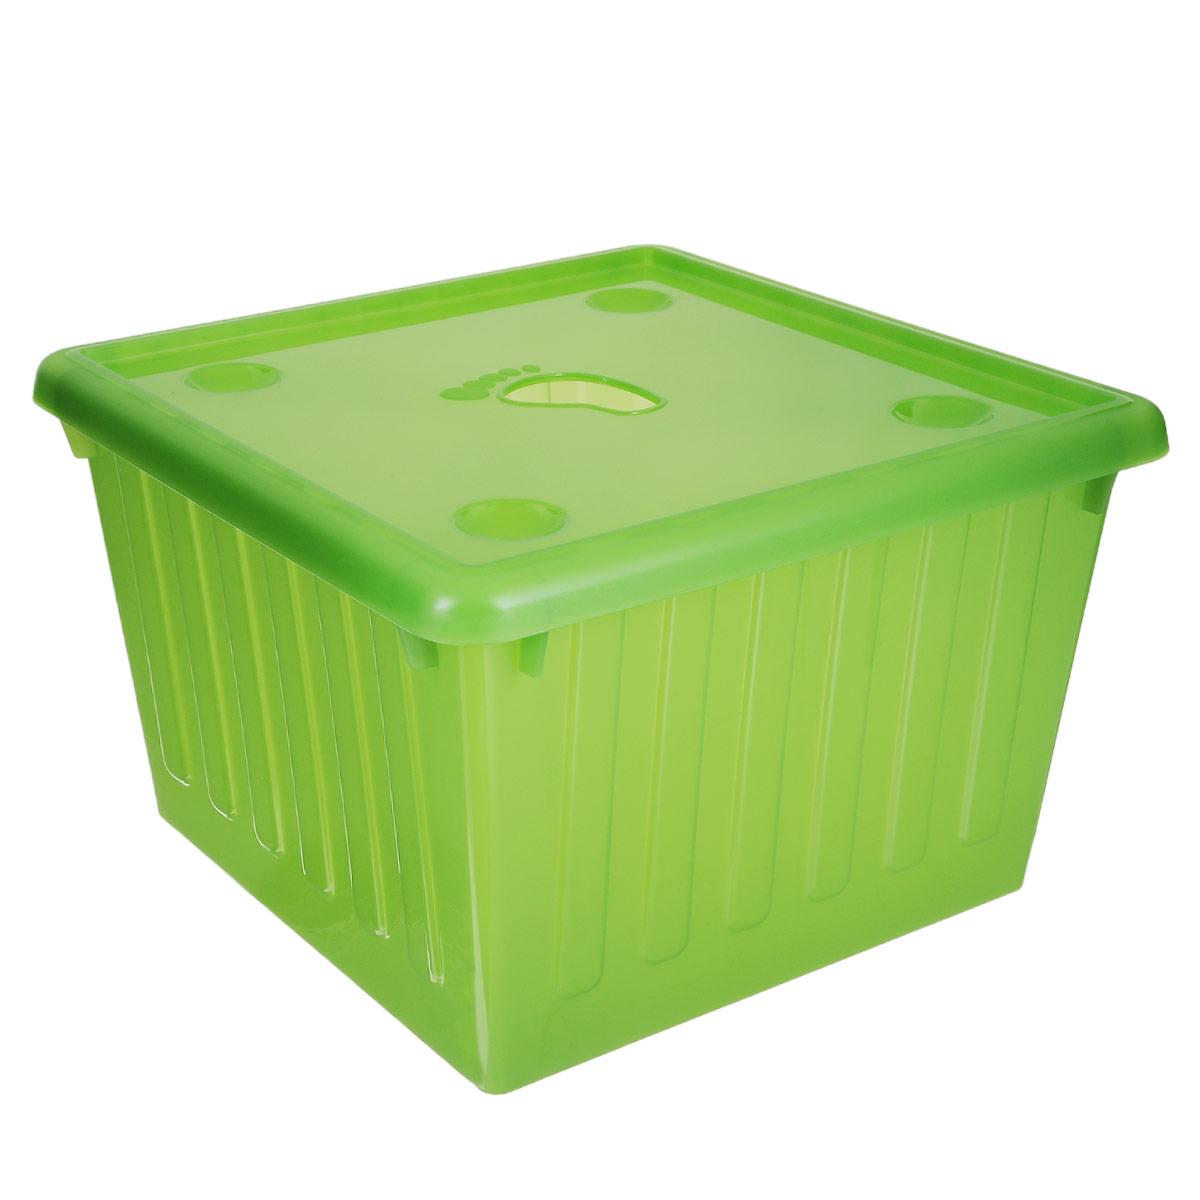 Контейнер для хранения Алеана, цвет: зеленый, 25 л122043_зеленыйКонтейнер для хранения Алеана выполнен из высококачественного цветного пластика. Контейнер снабжен удобной крышкой с декоративным отверстием, выполненным в виде отпечатка ступни. Вместительный контейнер позволит сохранить различные нужные вещи в порядке, а крышка защитит содержимое от пыли и грязи.